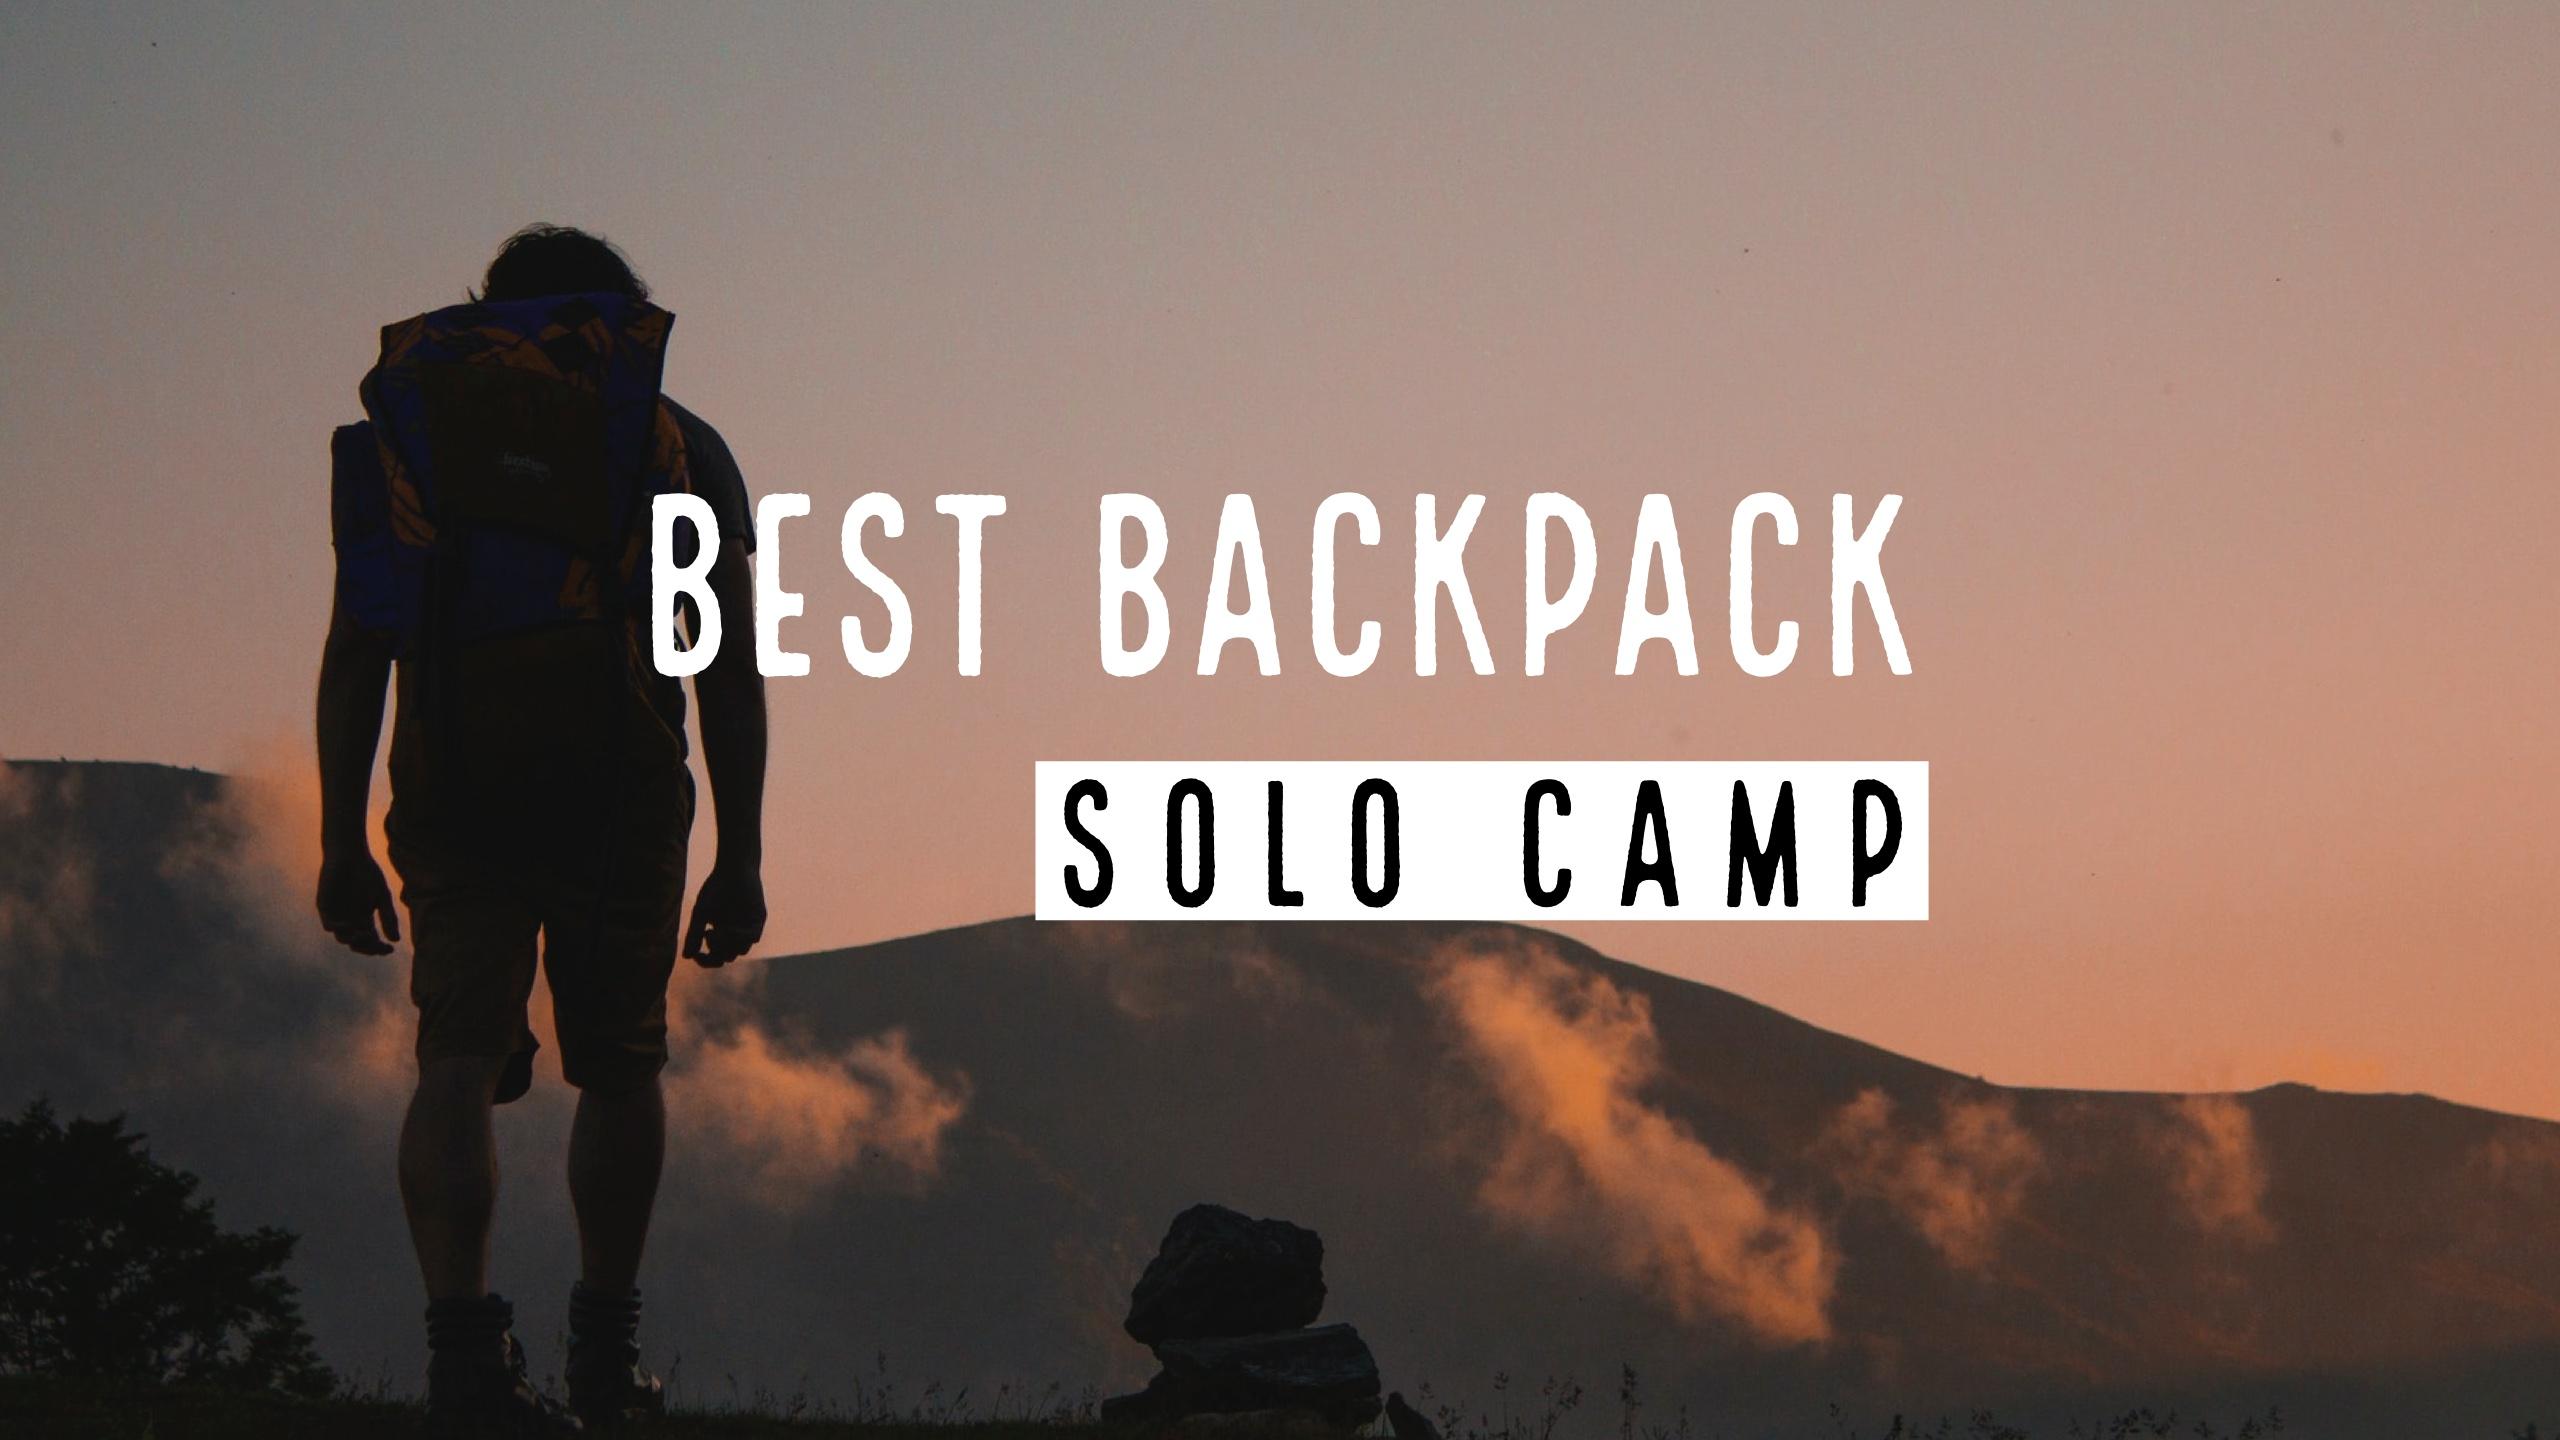 【用途別】ソロキャンプにおすすめなバックパック5選!容量ごとの特徴や選び方も紹介